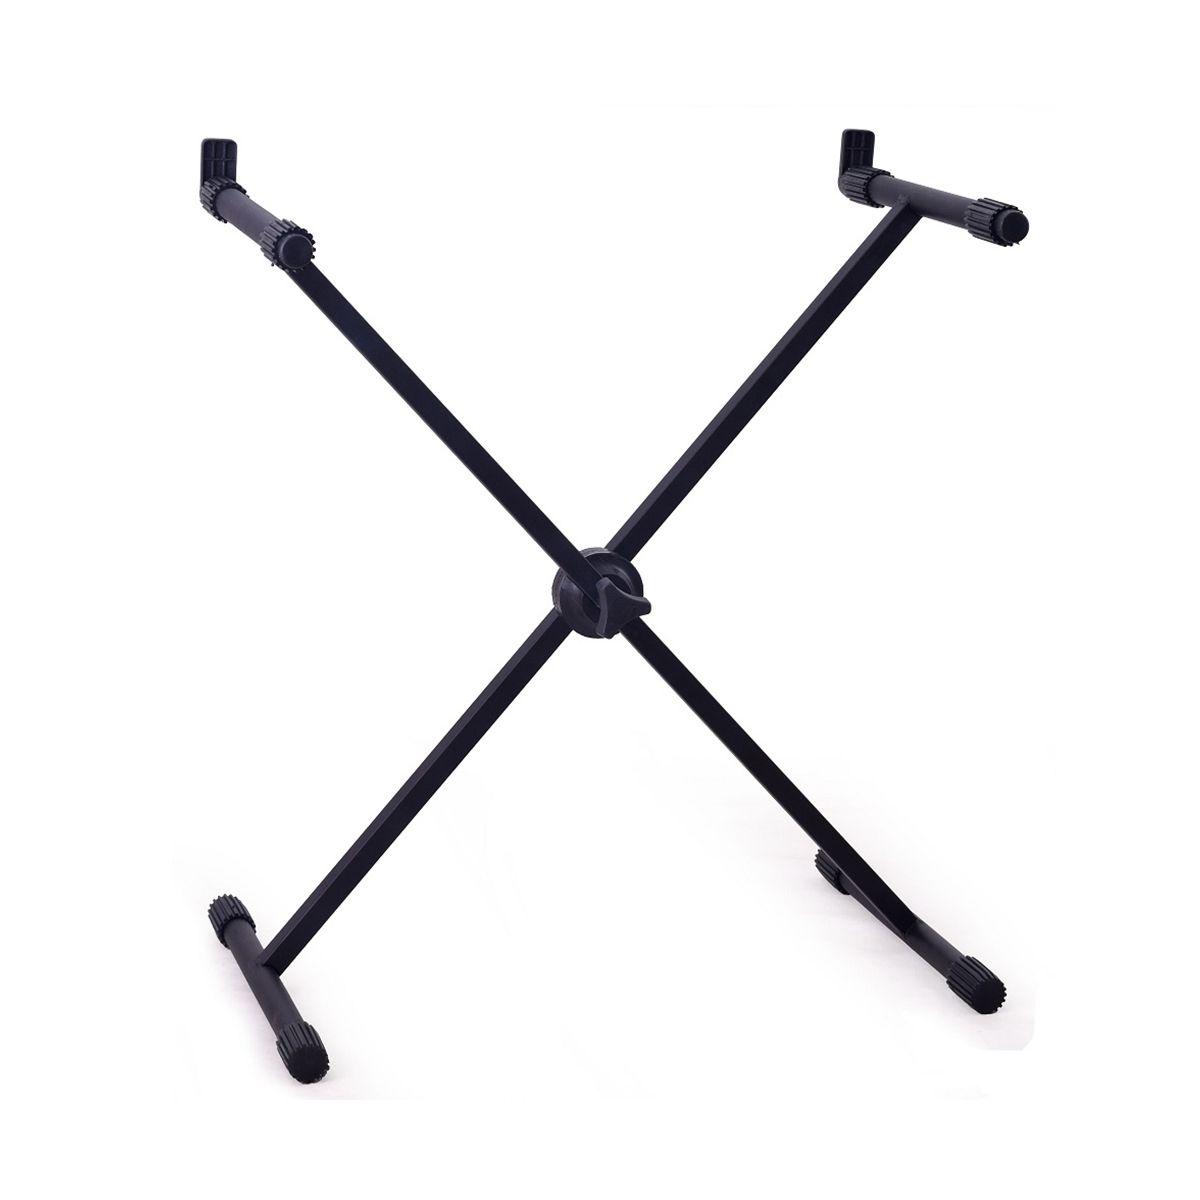 Suporte para Teclado Ibox X10 Regulável Preto